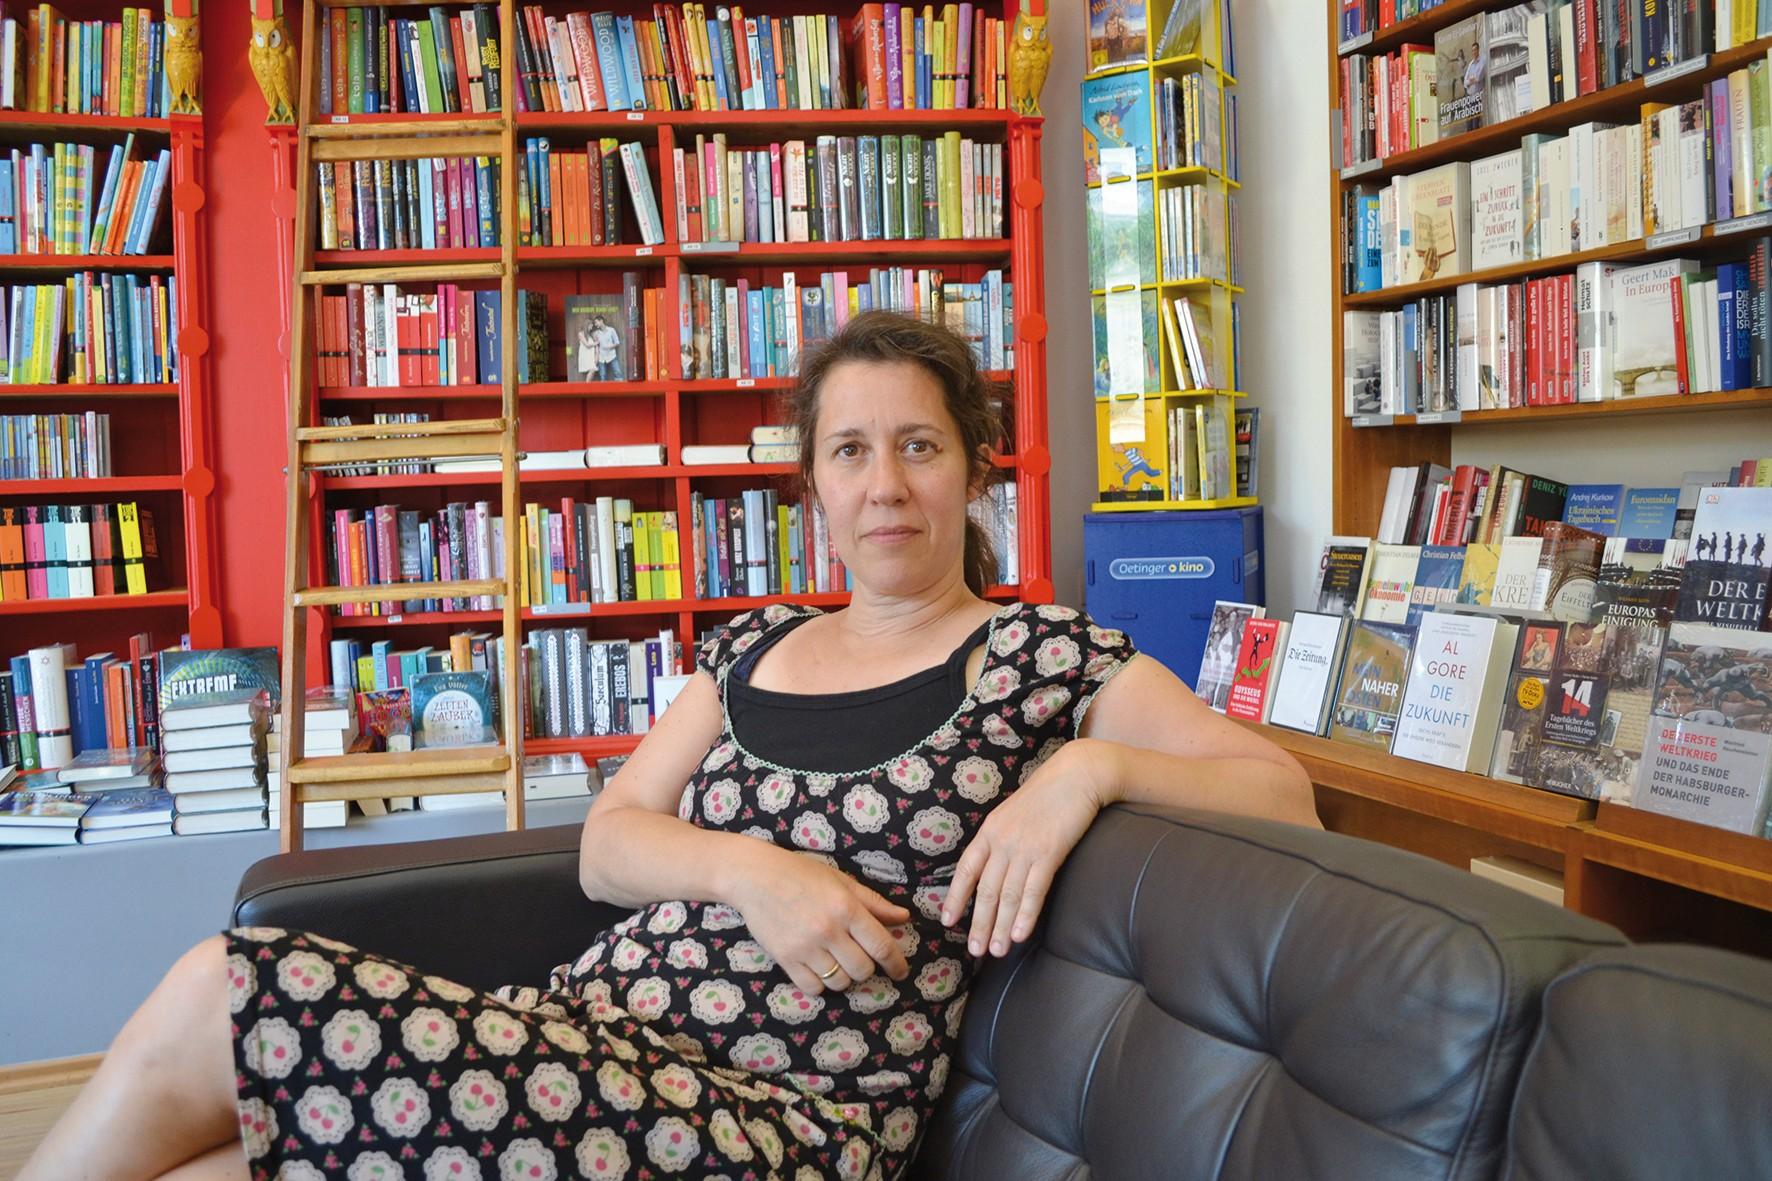 Buchhändler suchen die Balance - buchreport